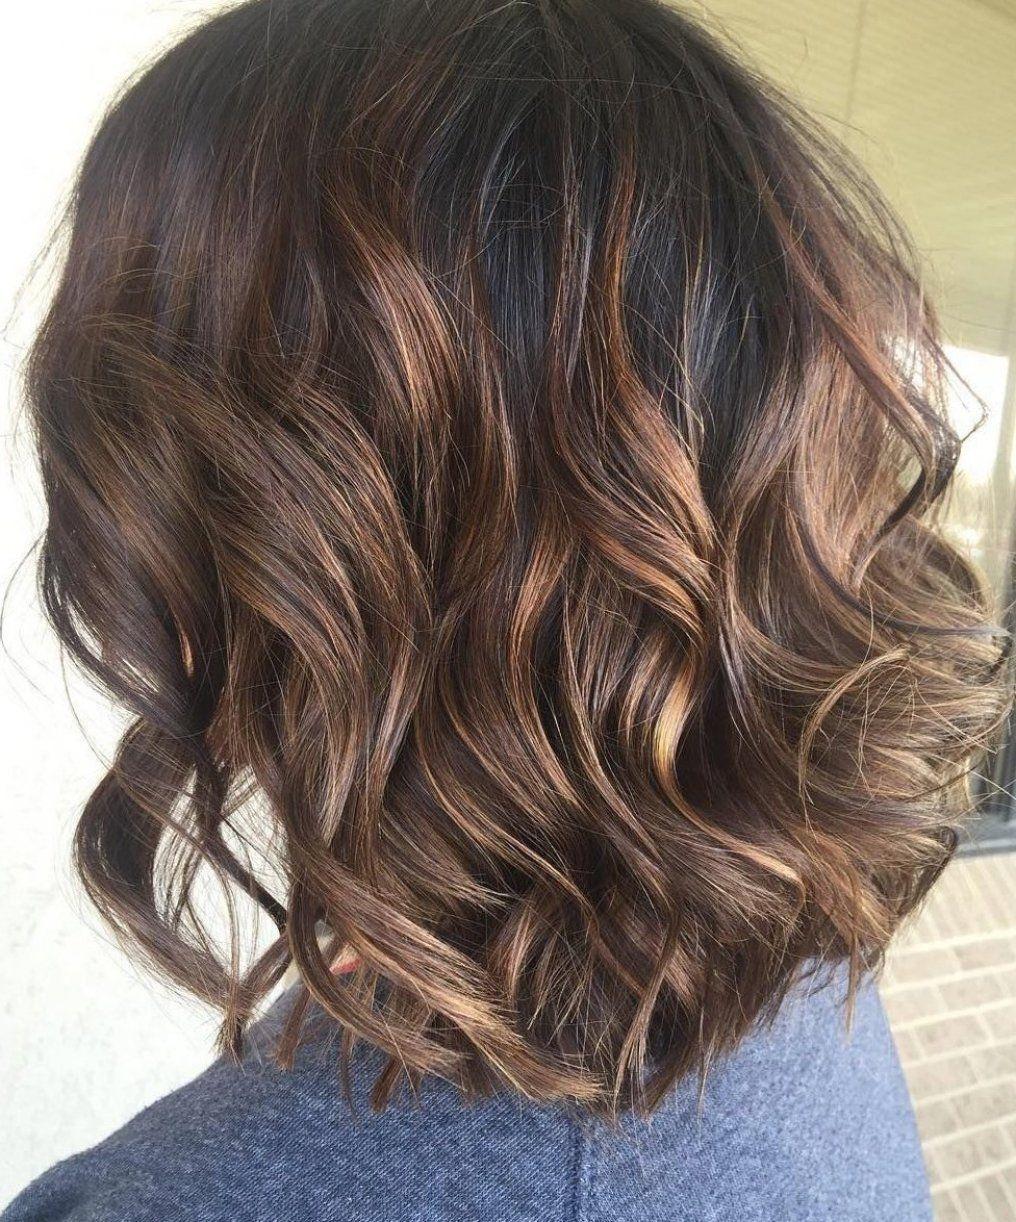 Balayagehair Hairmakeup Stepbystep In 2020 Short Caramel Hair Short Dark Hair Dark Hair